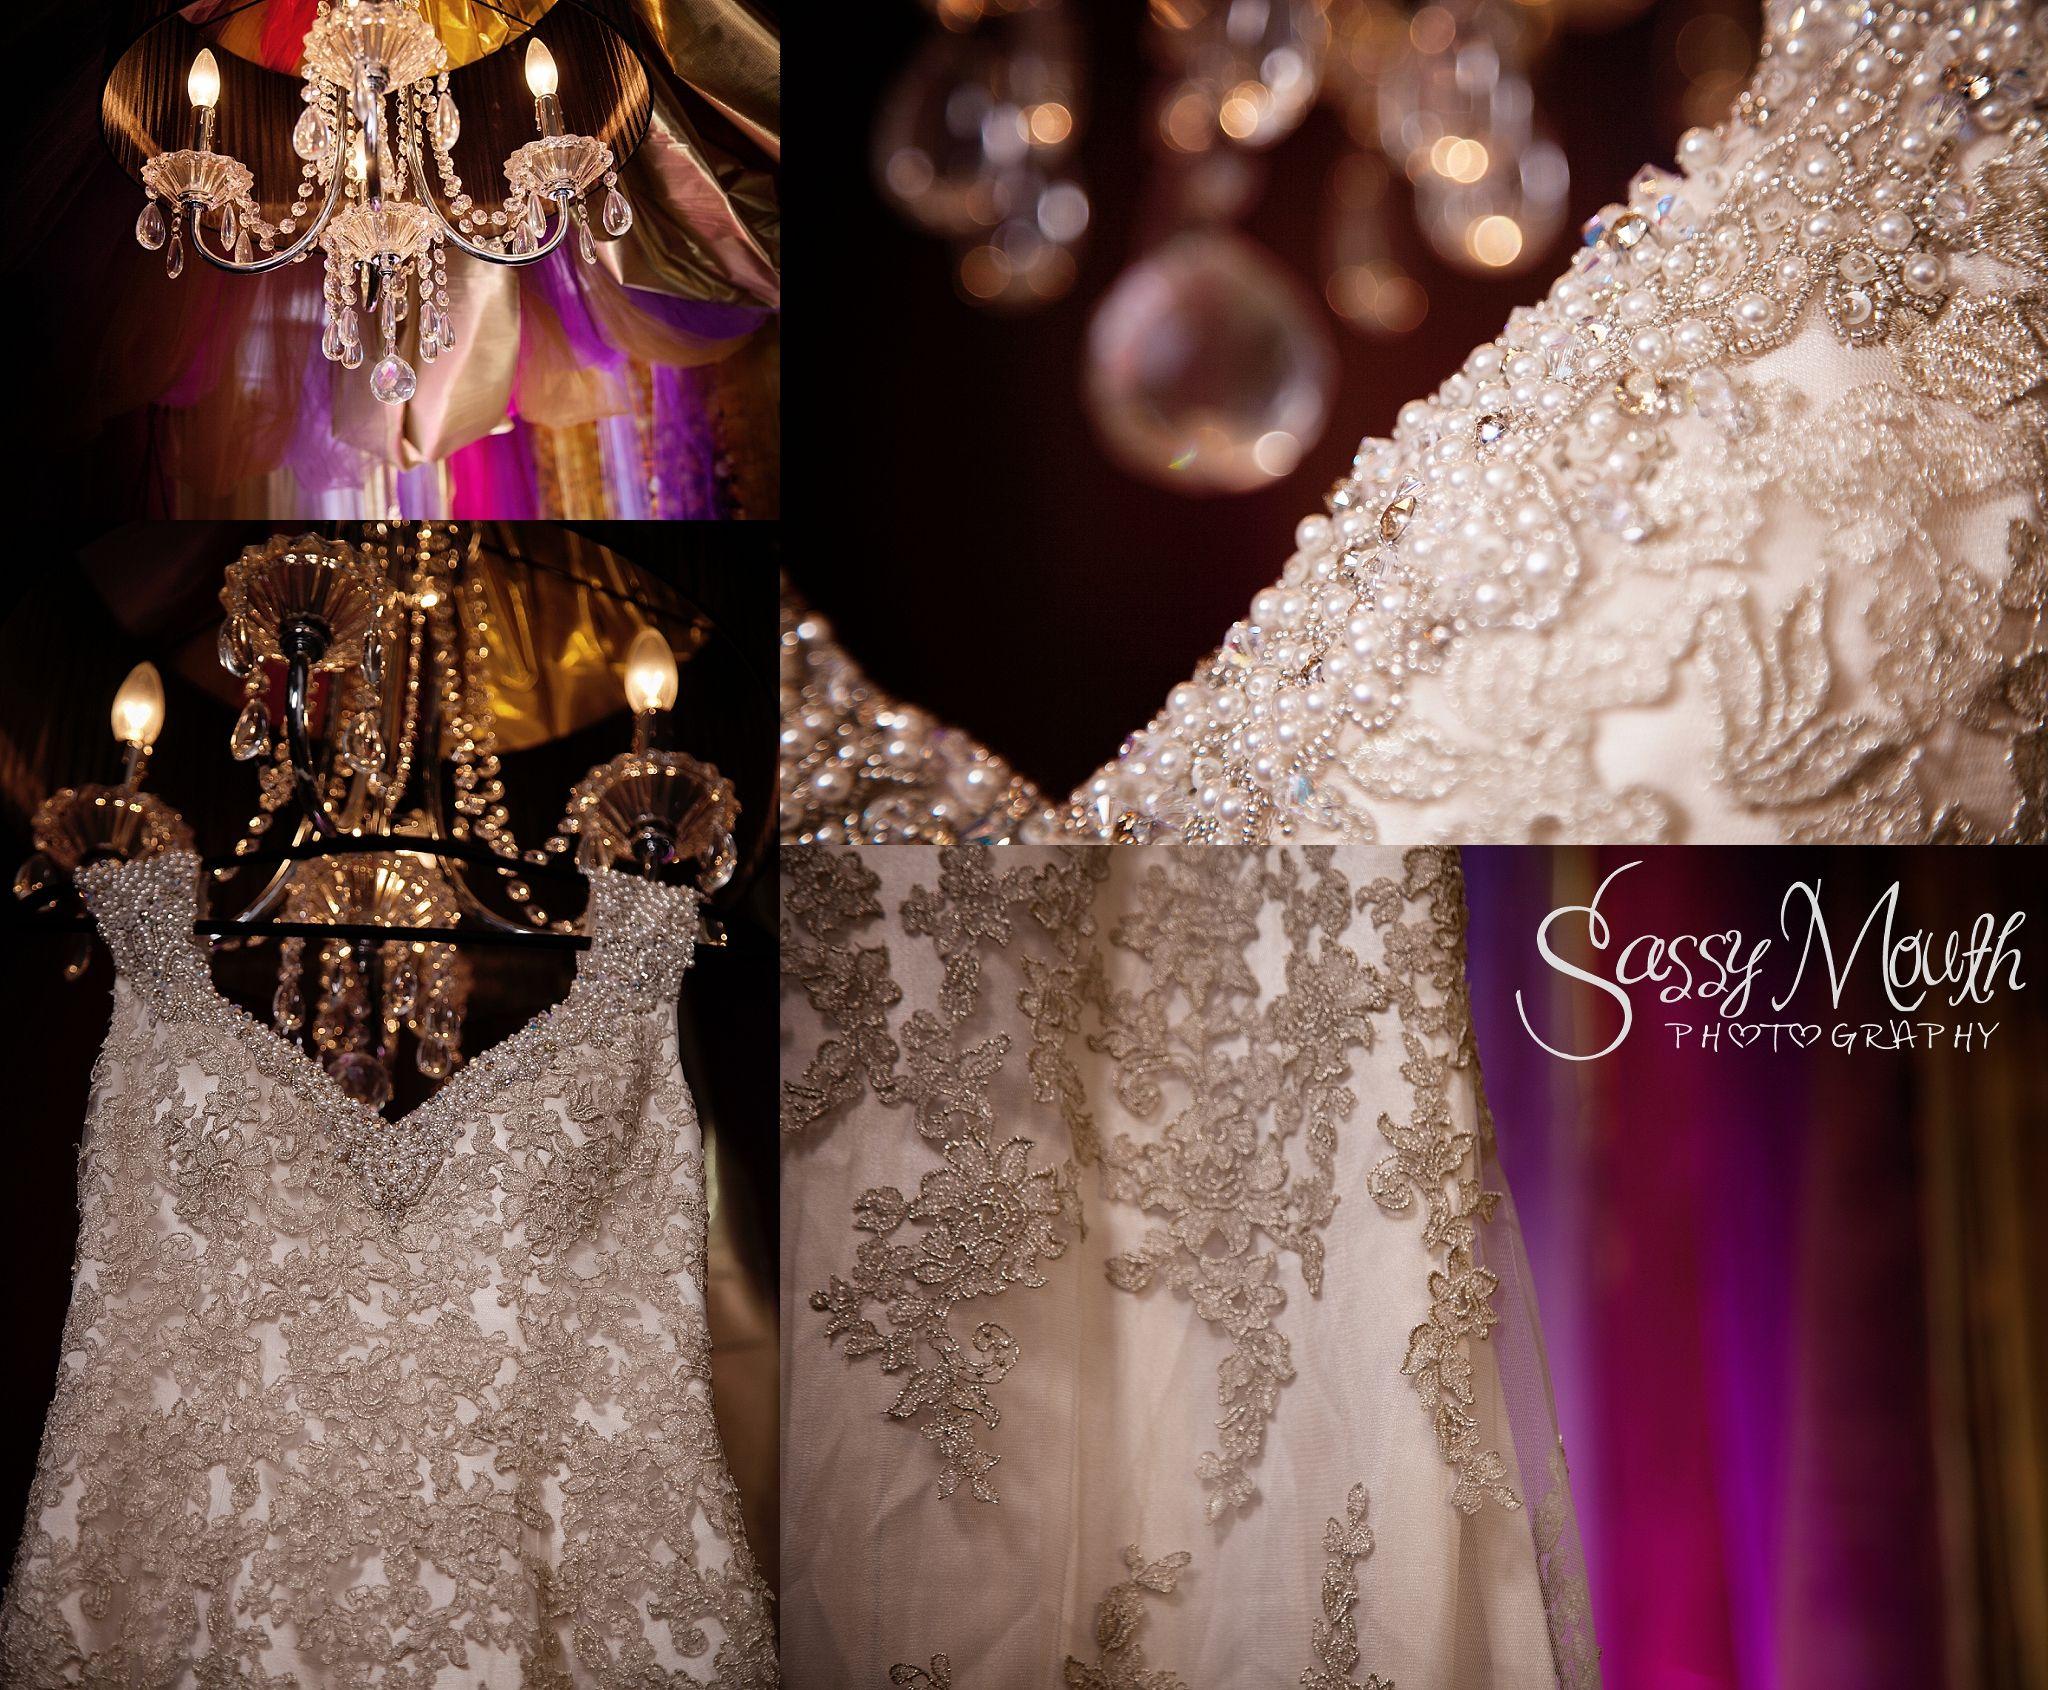 Modern Wedding Dresses For Every Disney Princess Disney Princess Wedding Dresses Disney Wedding Dresses Disney Inspired Wedding Dresses [ 1400 x 1200 Pixel ]